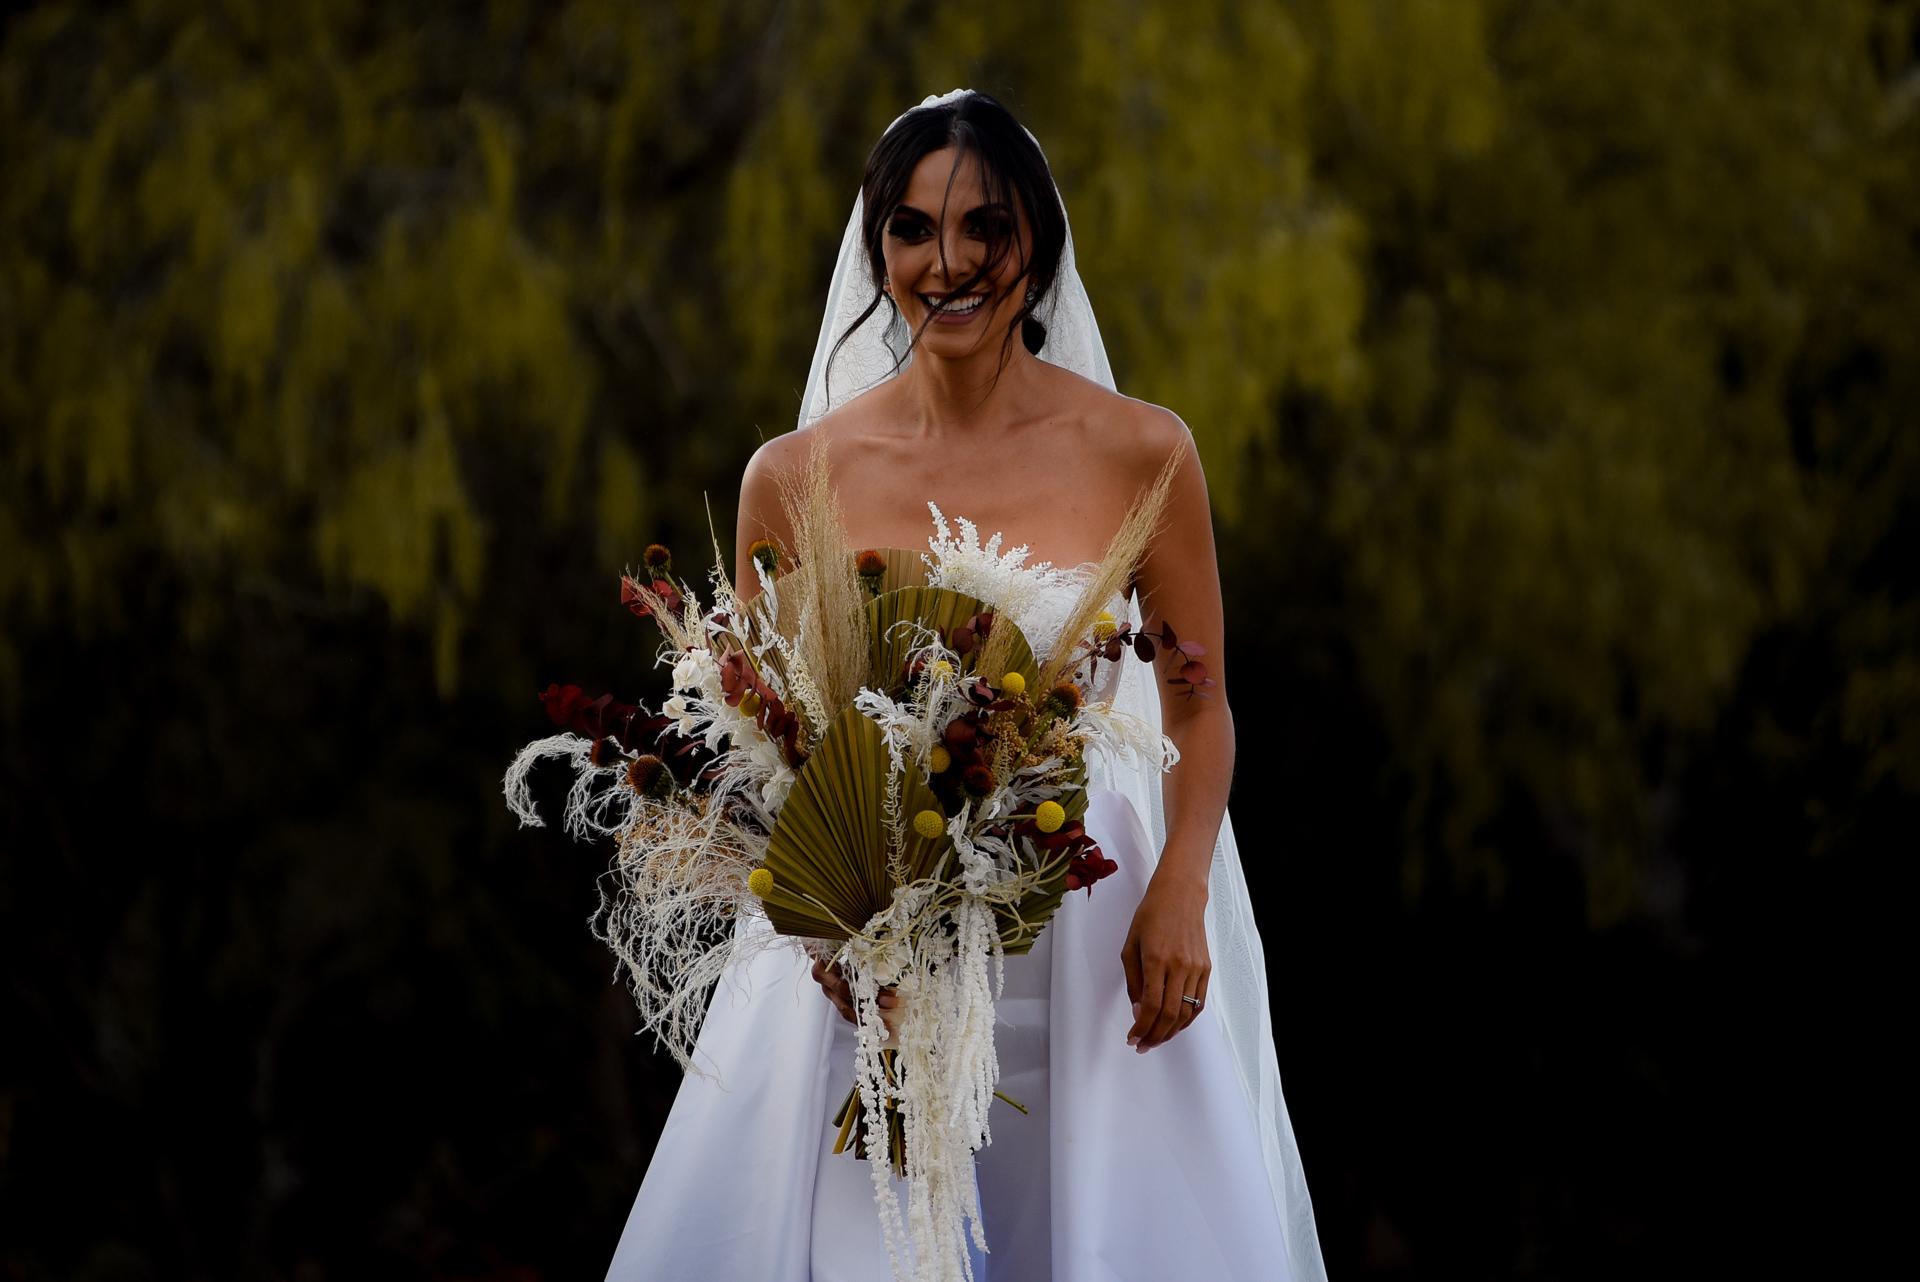 Photographe de mariage à San Miguel de Allende | la mariée voit son époux pour la première fois lors de la cérémonie en plein air